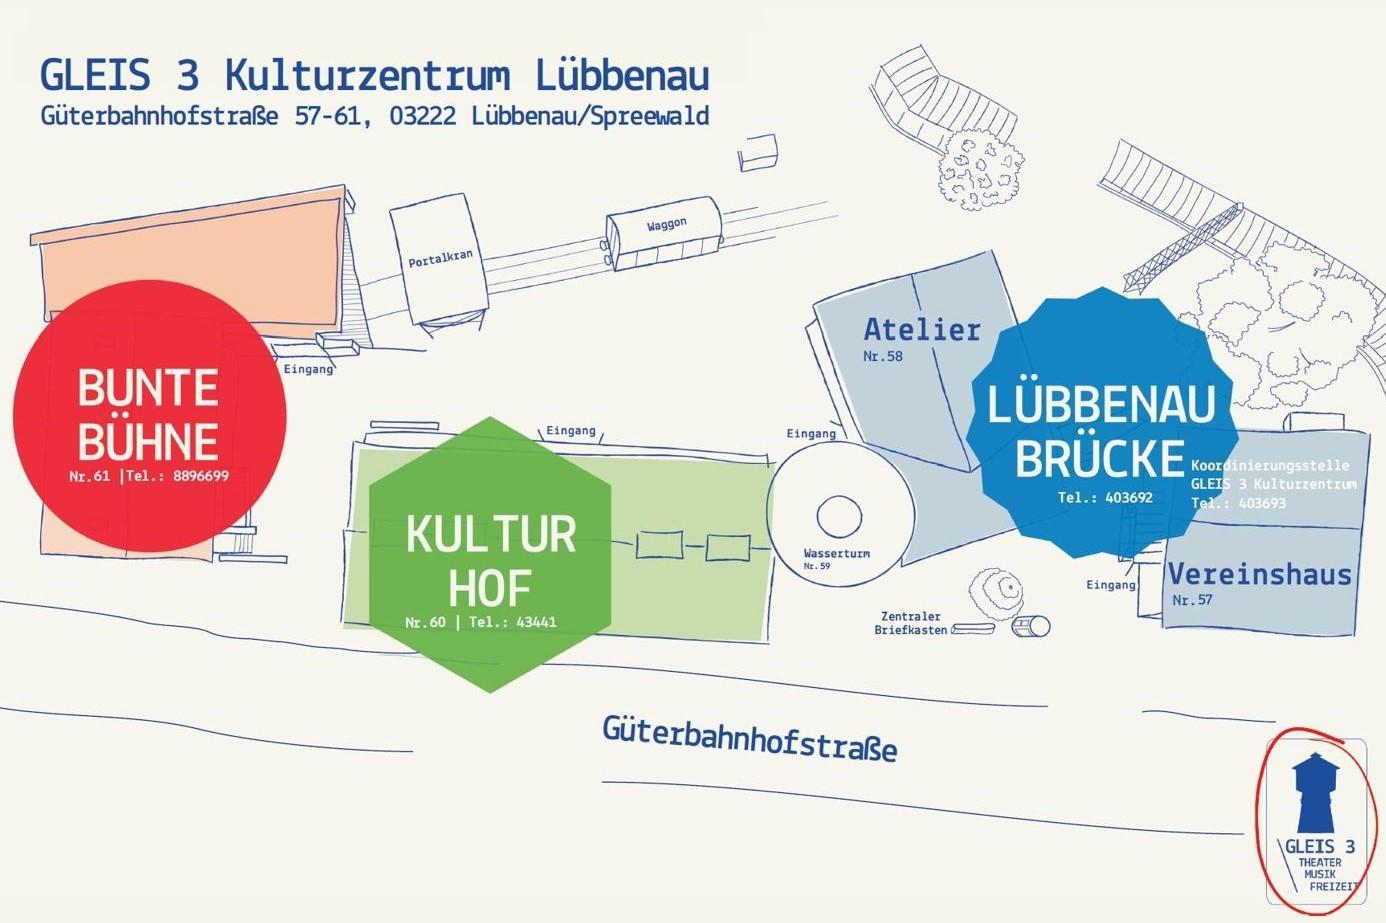 Lageplan Gleis 3 Kulturzentrum, Quelle: Gleis 3